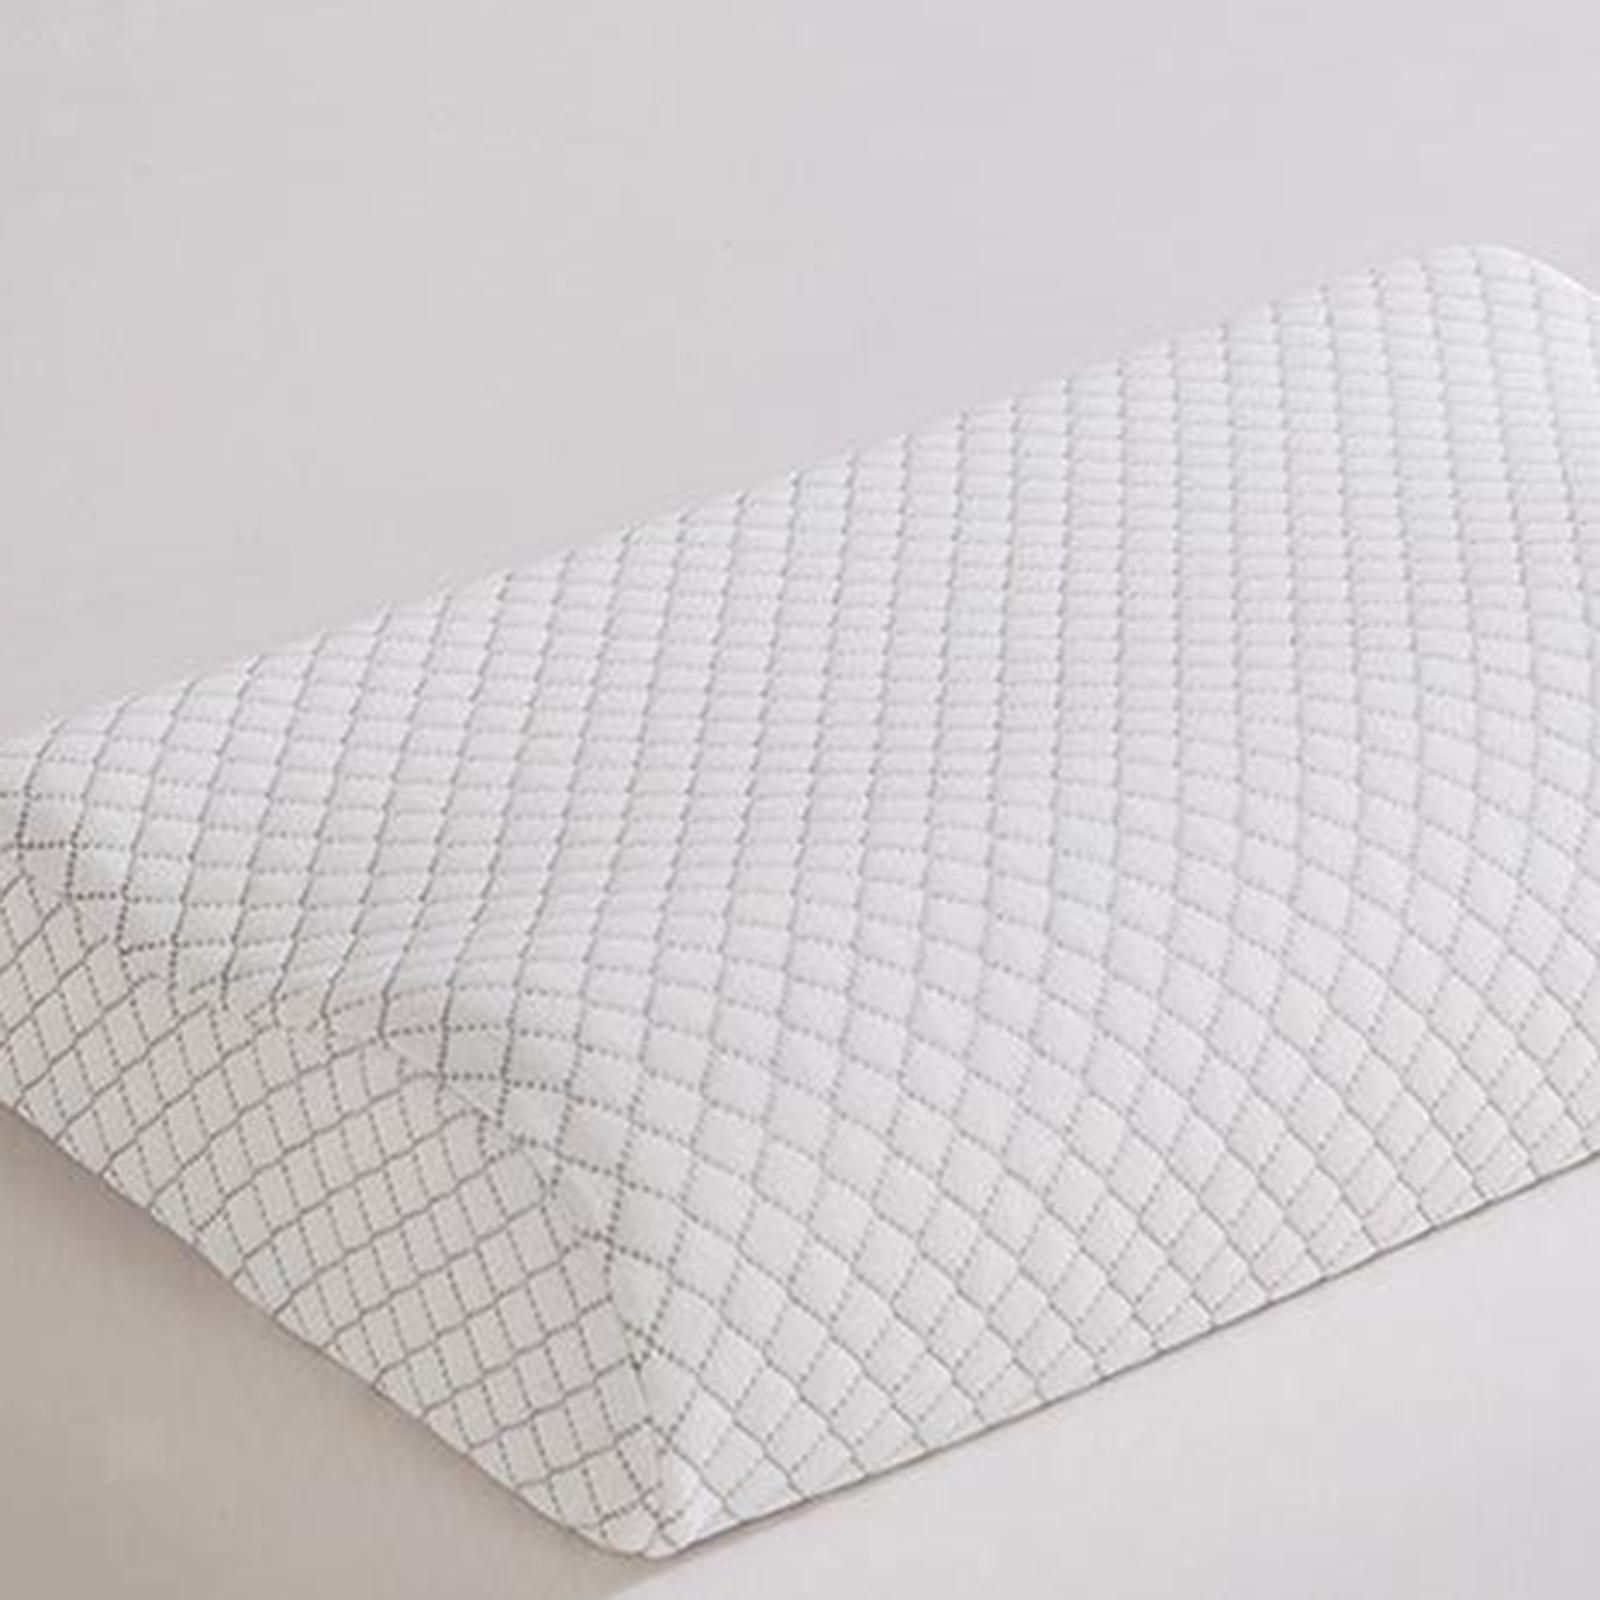 Cuscino-di-lusso-in-memory-foam-Cuscino-cervicale-Cuscino-per-la-testa-Federa miniatura 9